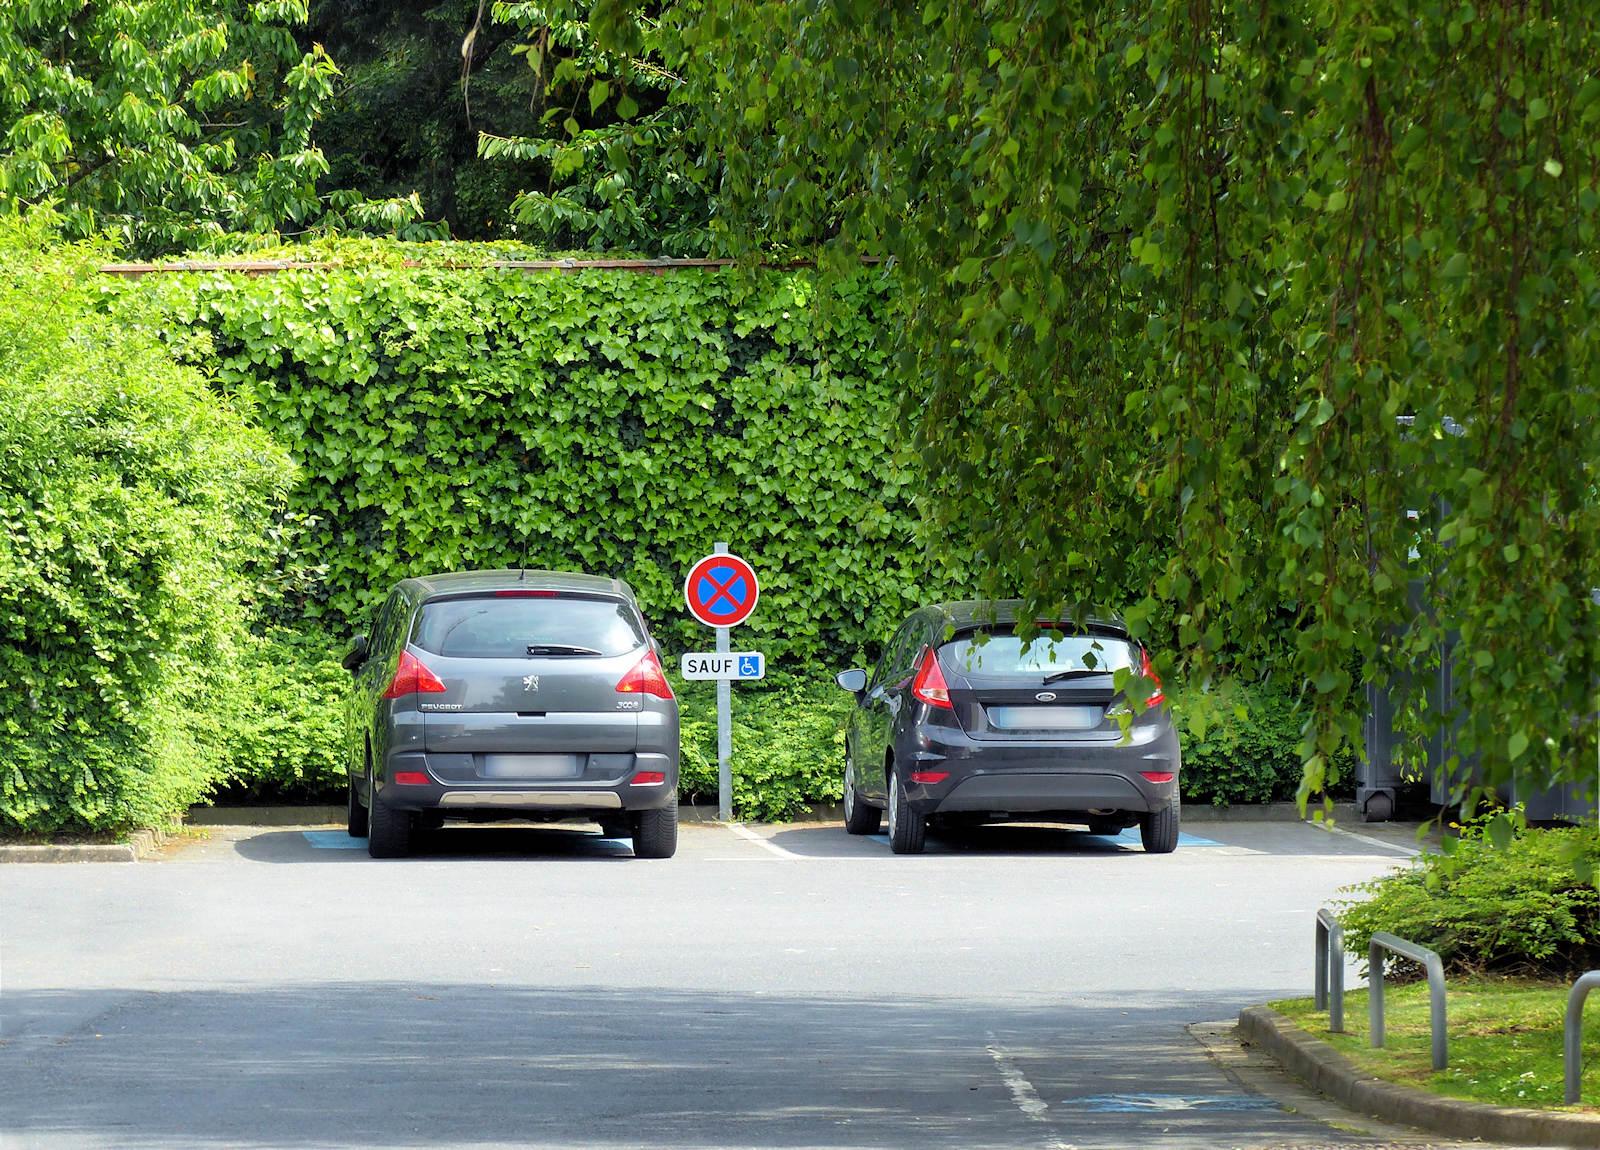 Clinique Victoire, Tourcoing - Parking, places handicapés